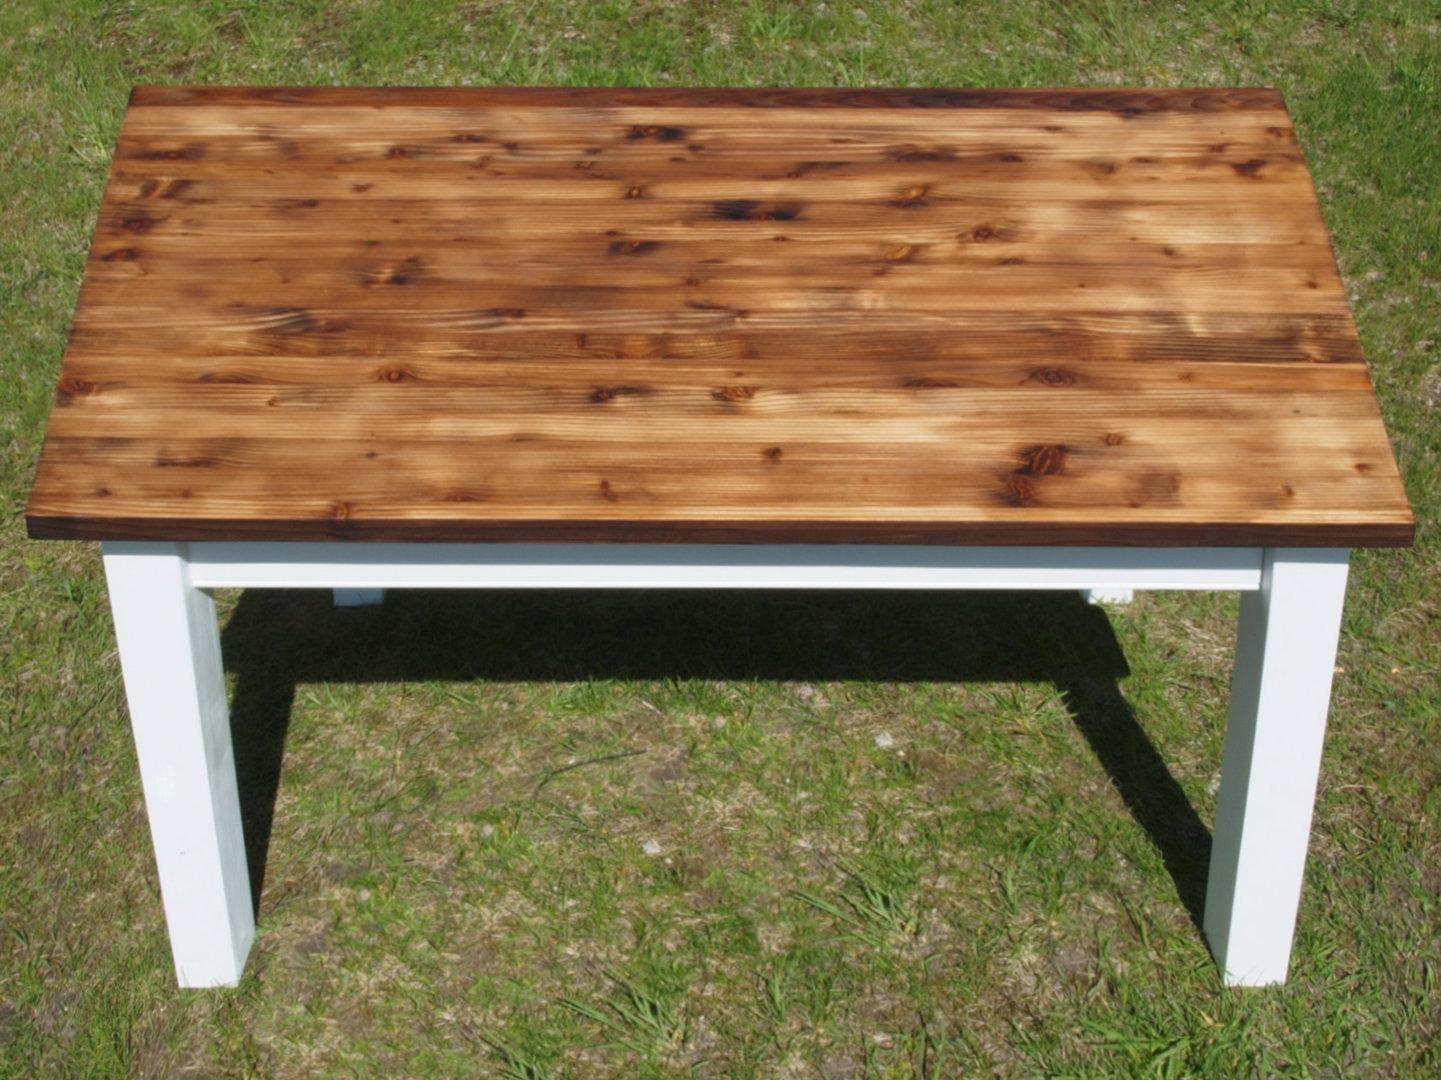 Lieblings Esstisch Tisch Massivholz Fichte 120 x 80 cm Nachbau - Antik Möbel #GE_81